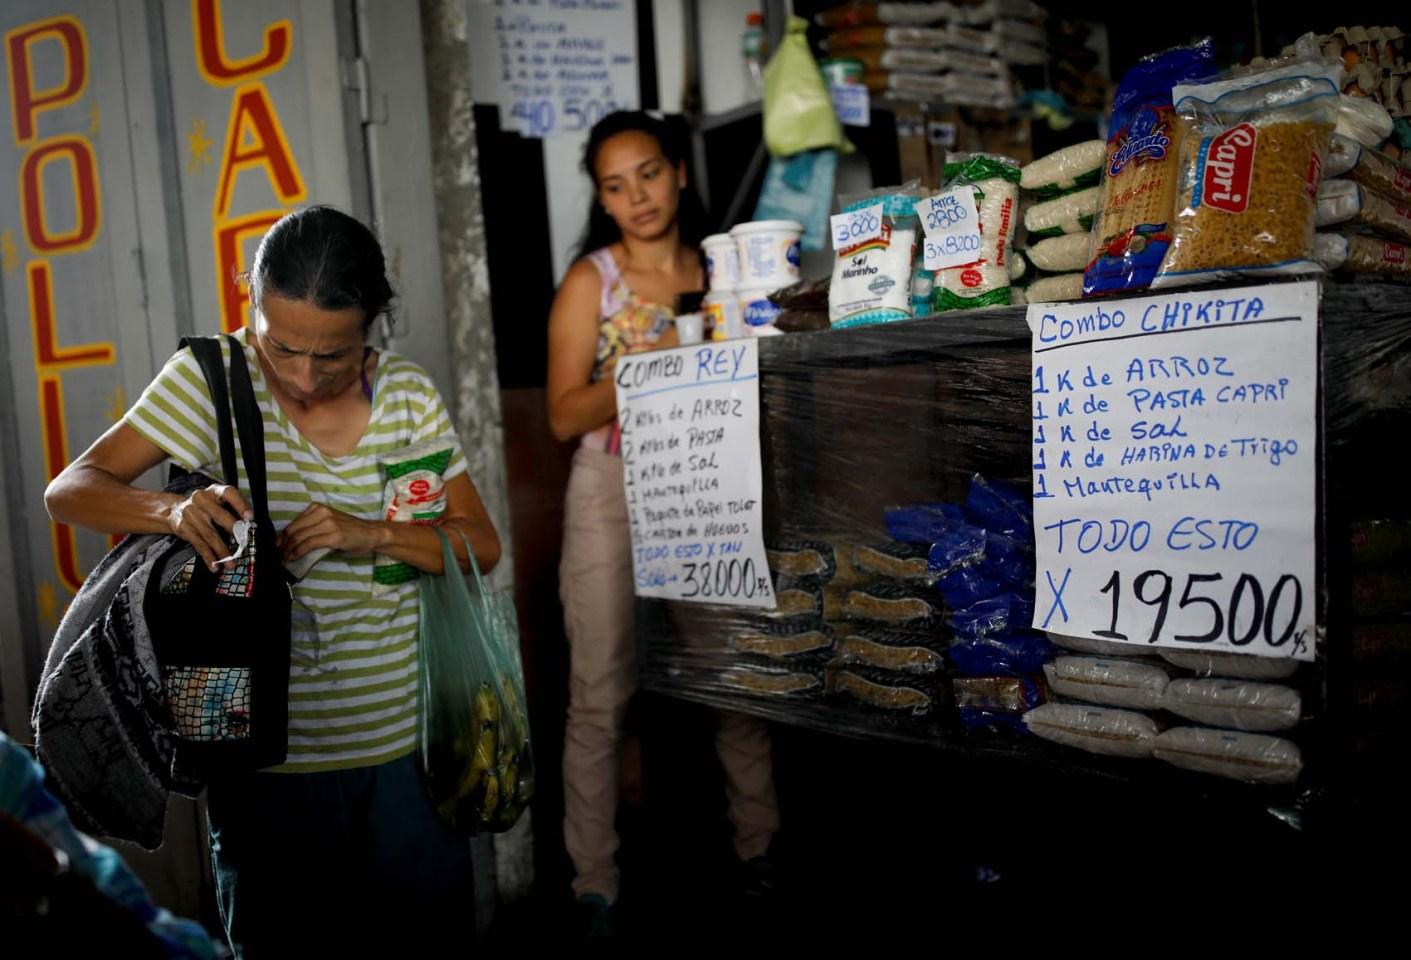 La escasez de efectivo arrincona a comerciantes y transportistas venezolanos